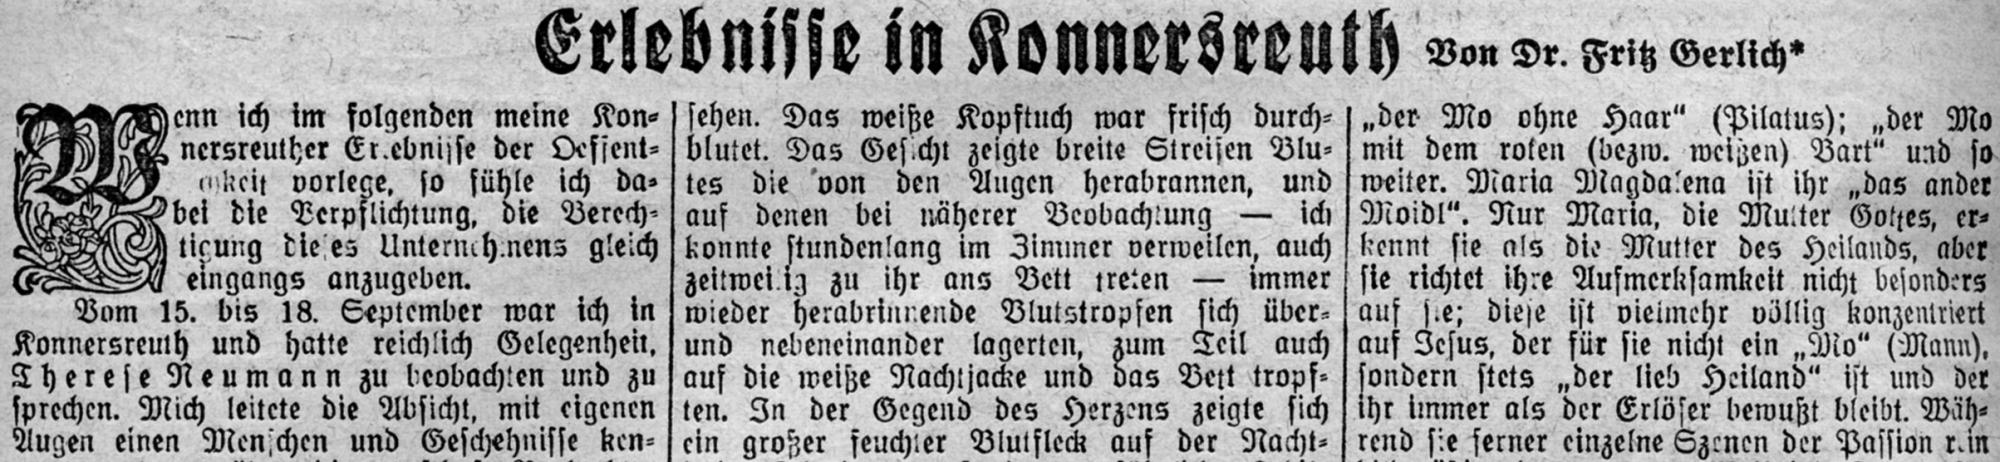 2020 125 jahre aoelfb konnersreuth bericht gerlich dez1927